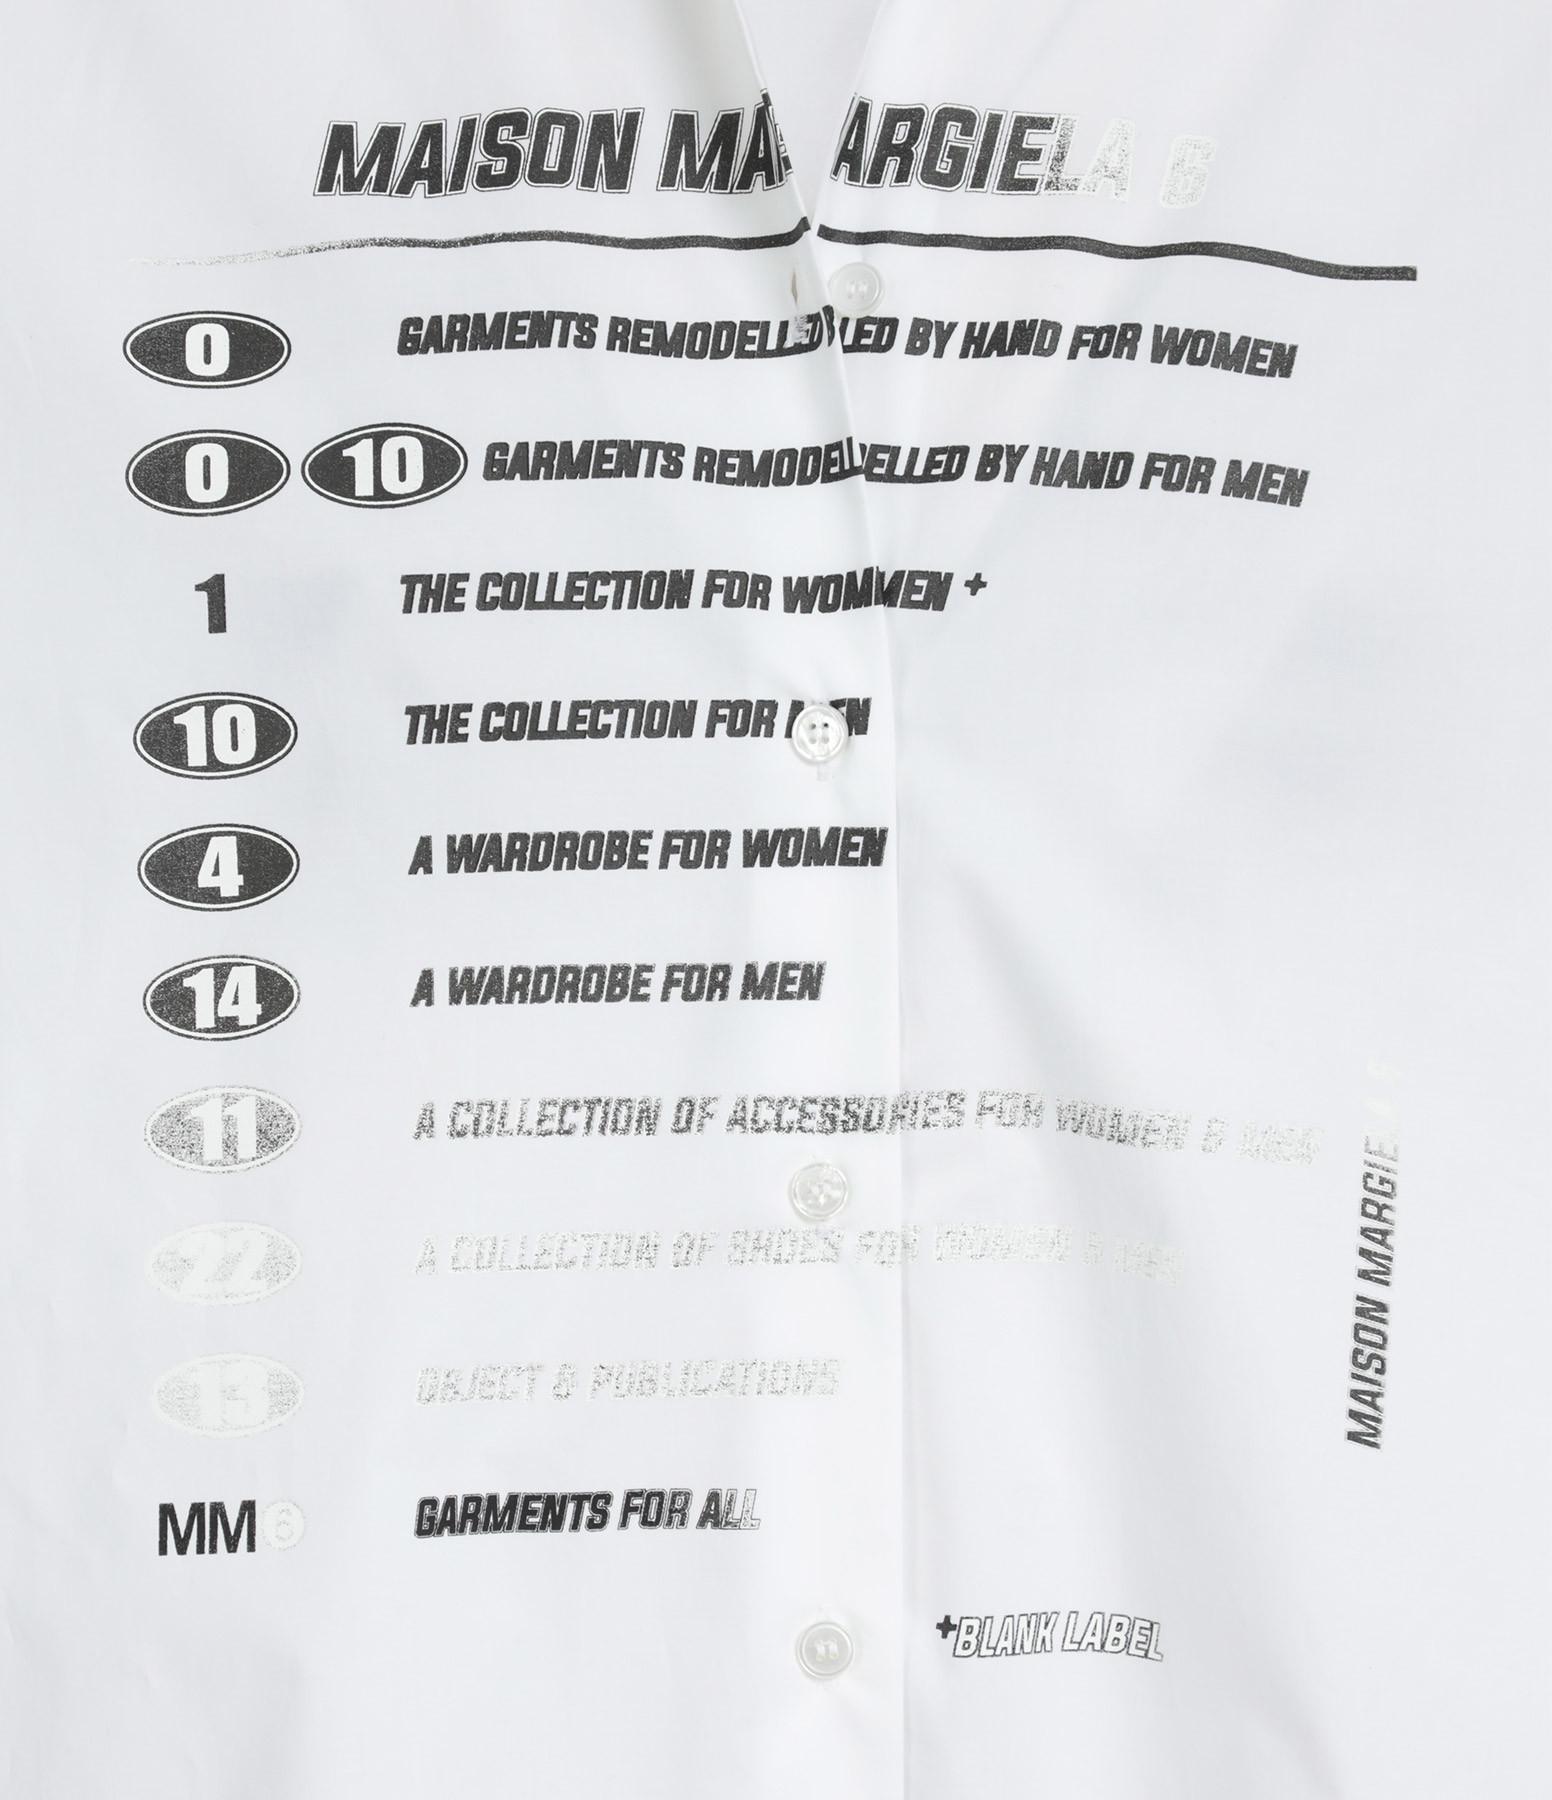 MM6 MAISON MARGIELA - Chemise Coton Popeline Blanc